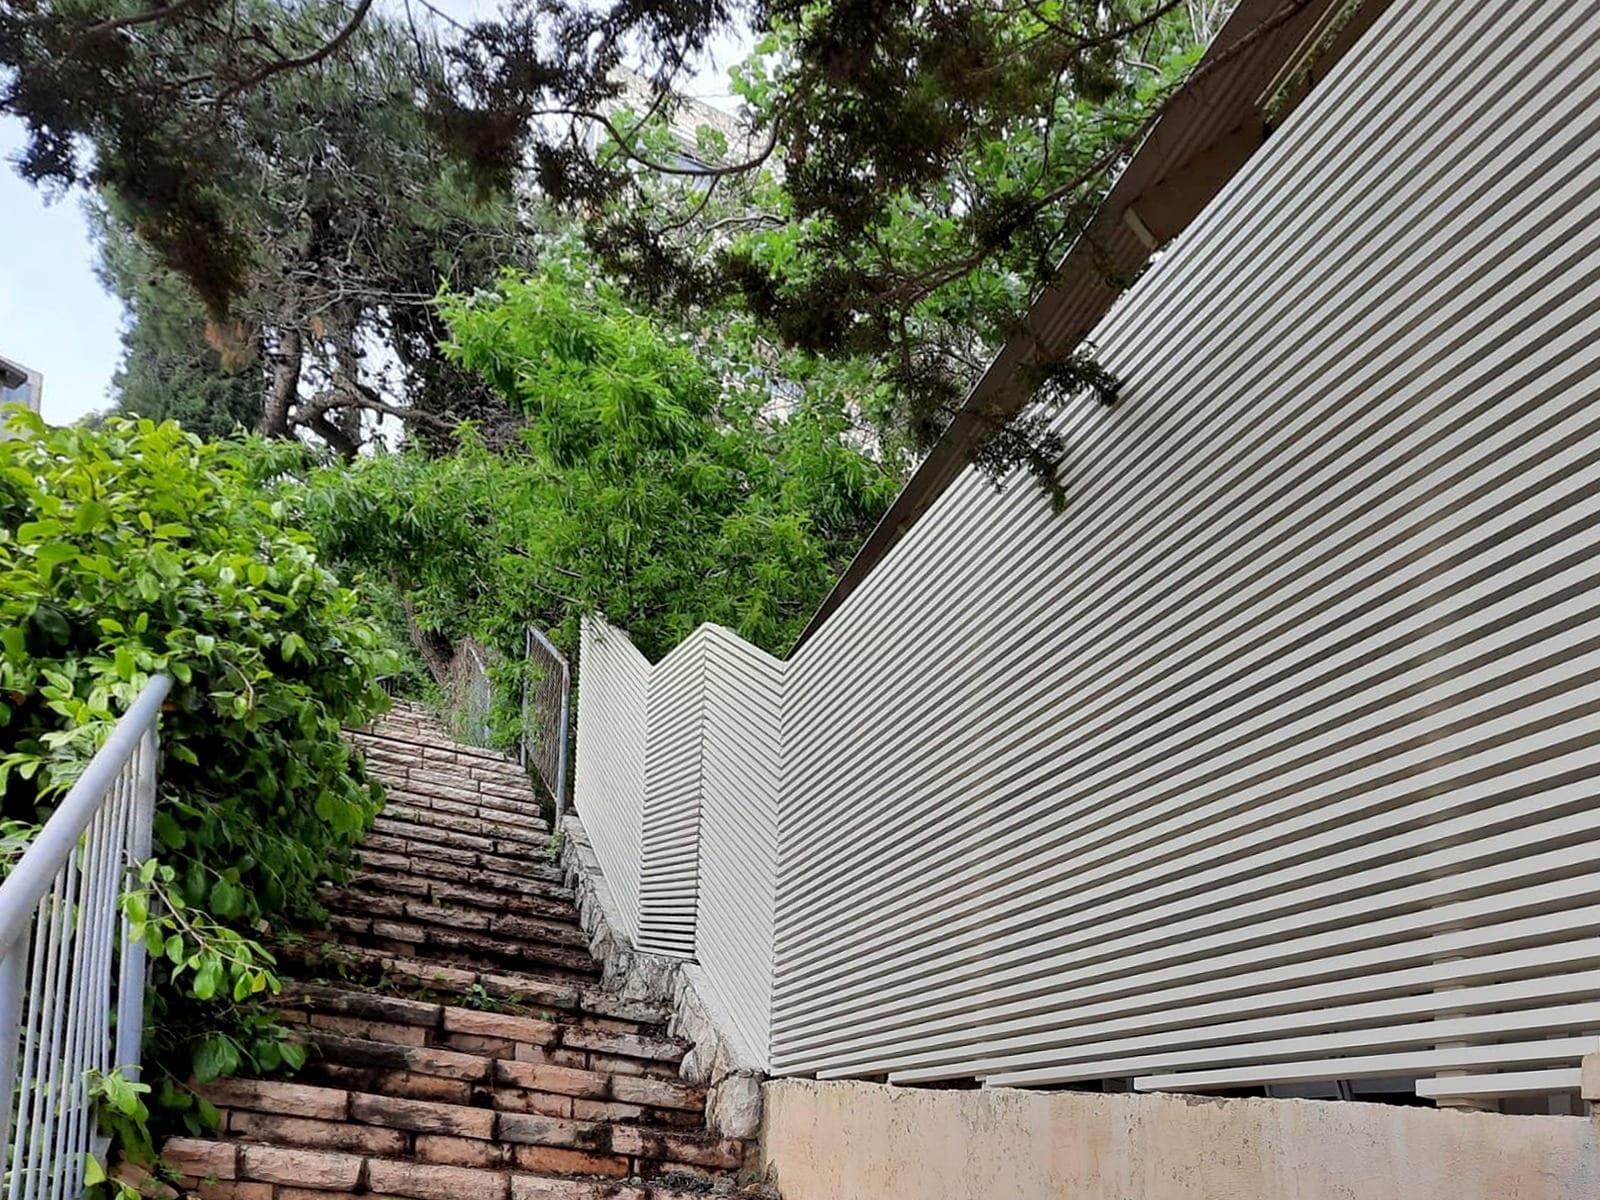 גדר אלומיניום בצבע לבן בעיצוב פסים מודרני - טרלידור